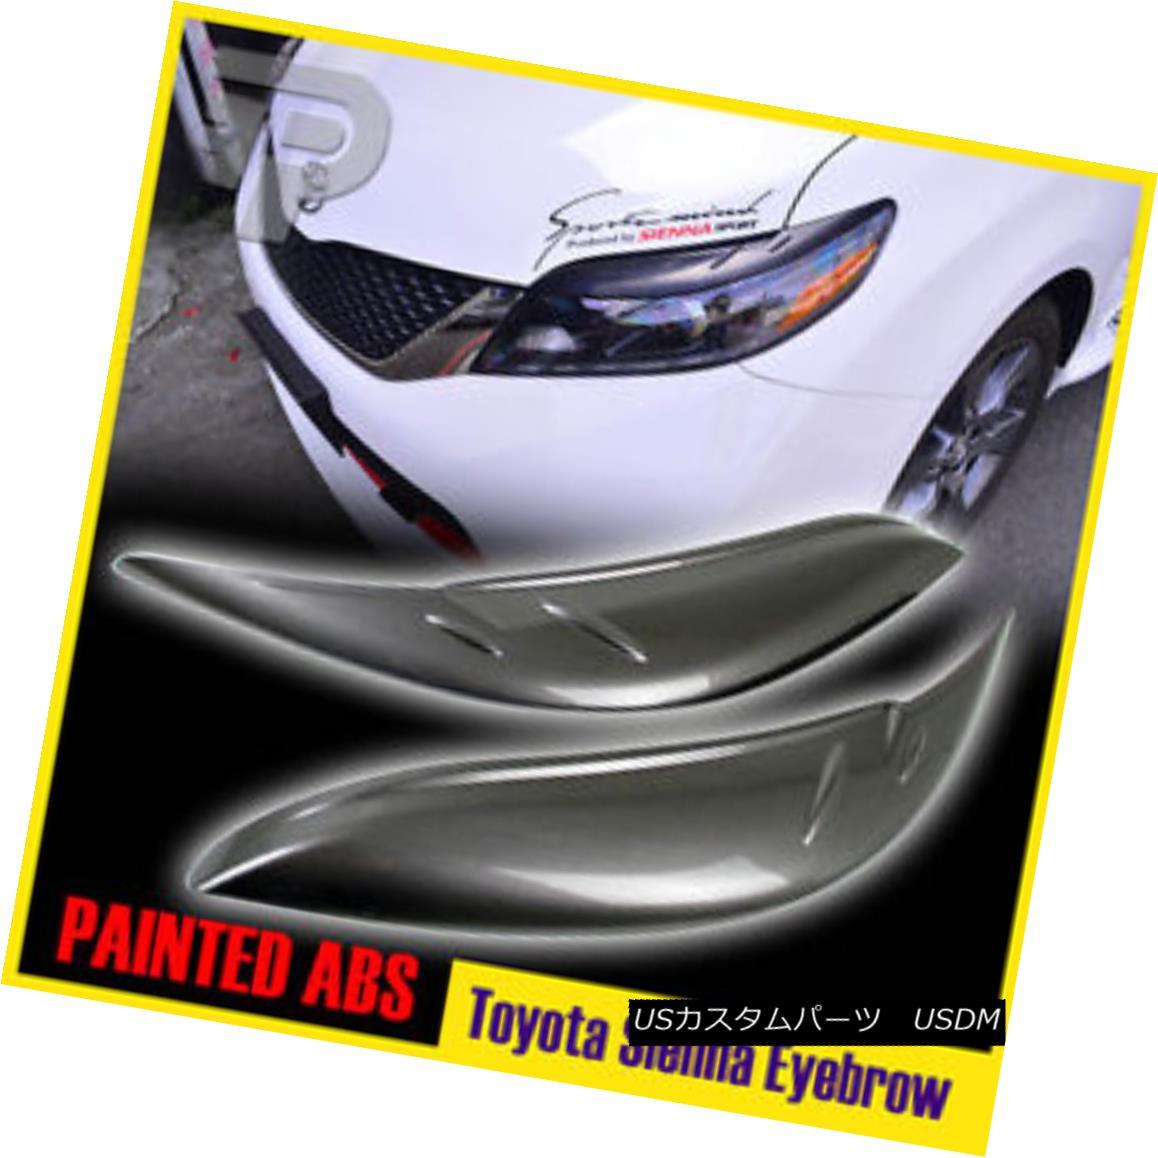 エアロパーツ Painted color #1H1 For Toyota Sienna Minivan 3rd Eyebrow Head Light Cover 15 塗装色#1H1トヨタ用シエナミニバン第3眉毛ライトカバー15